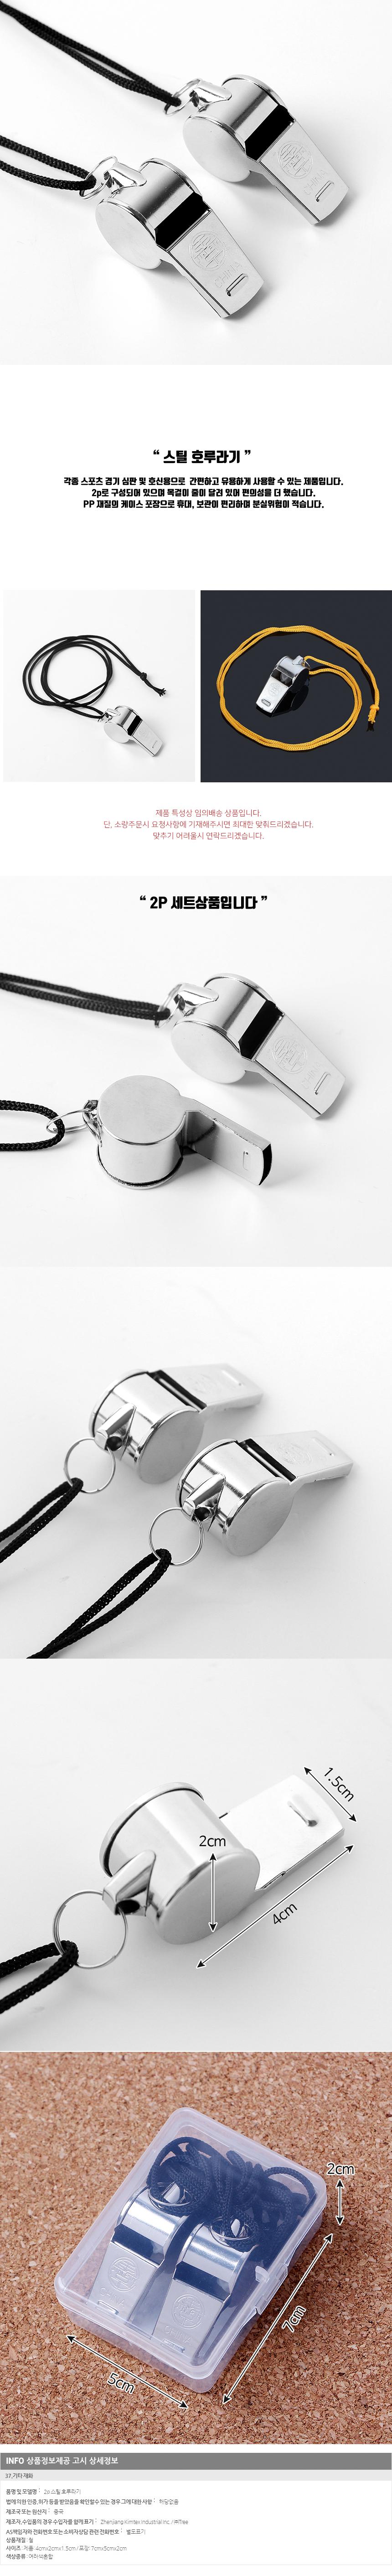 2p세트 호루라기 - 기프트갓, 1,200원, 응원용품, 응원용품